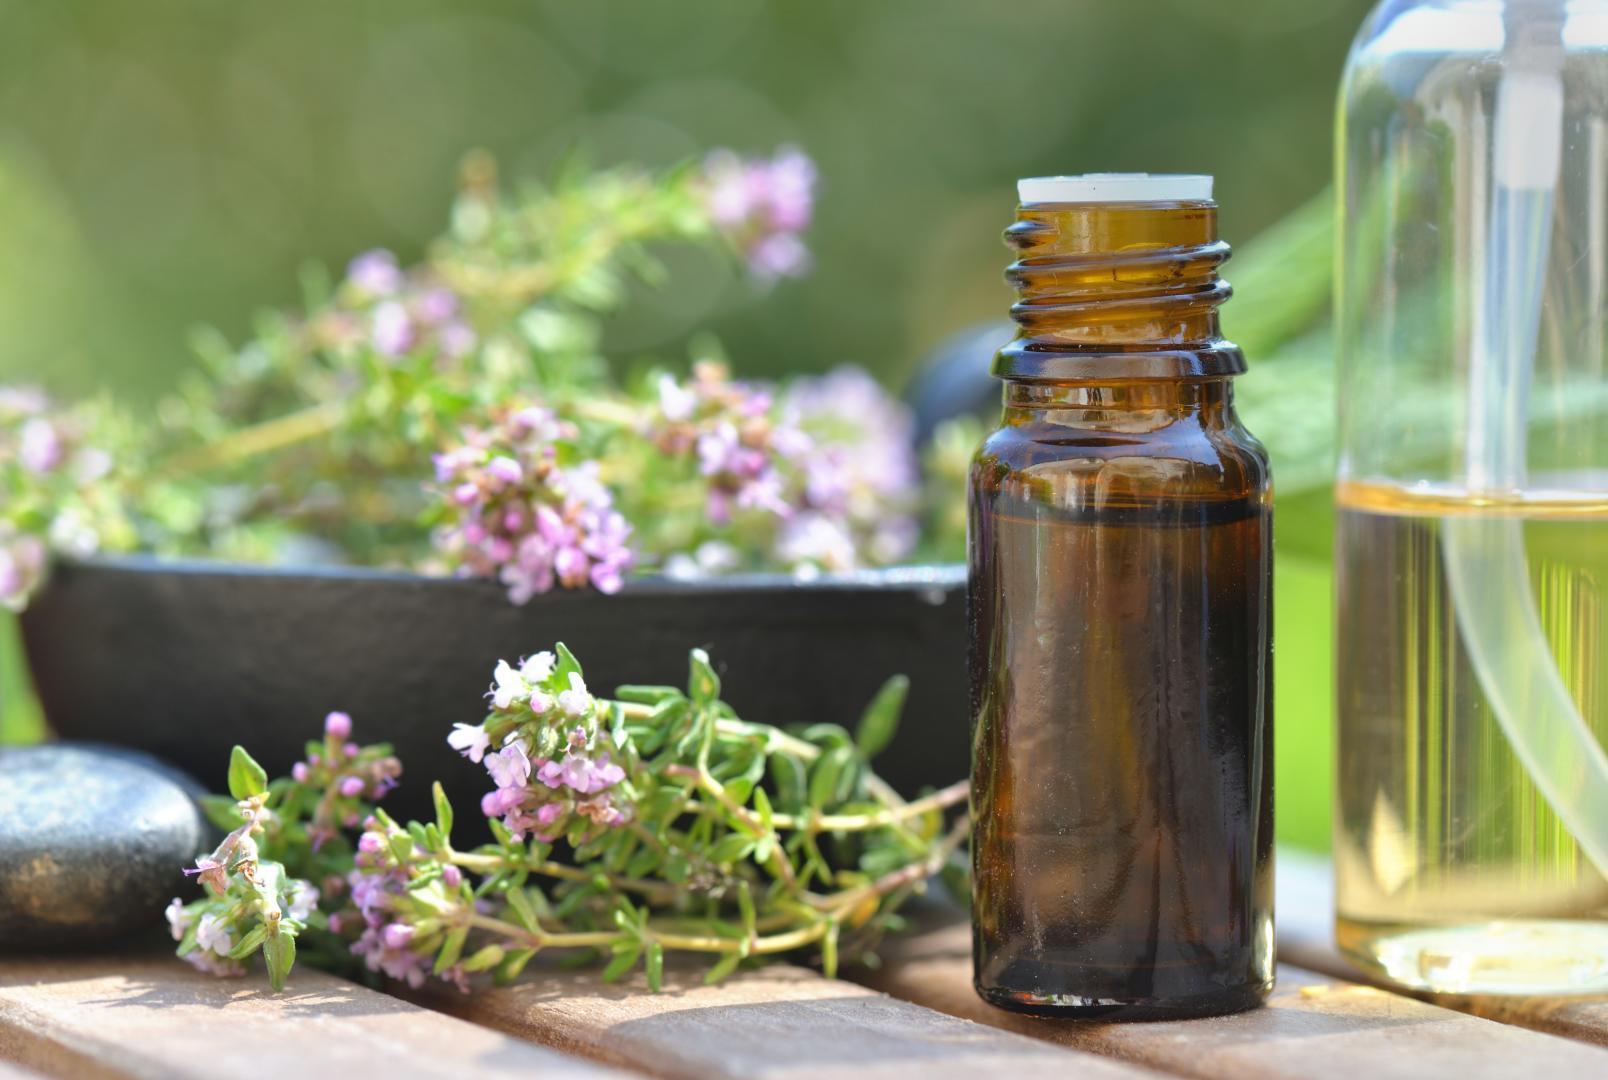 Aromaterapeuta lista os 7 óleos essenciais mais indicados para a pandemia